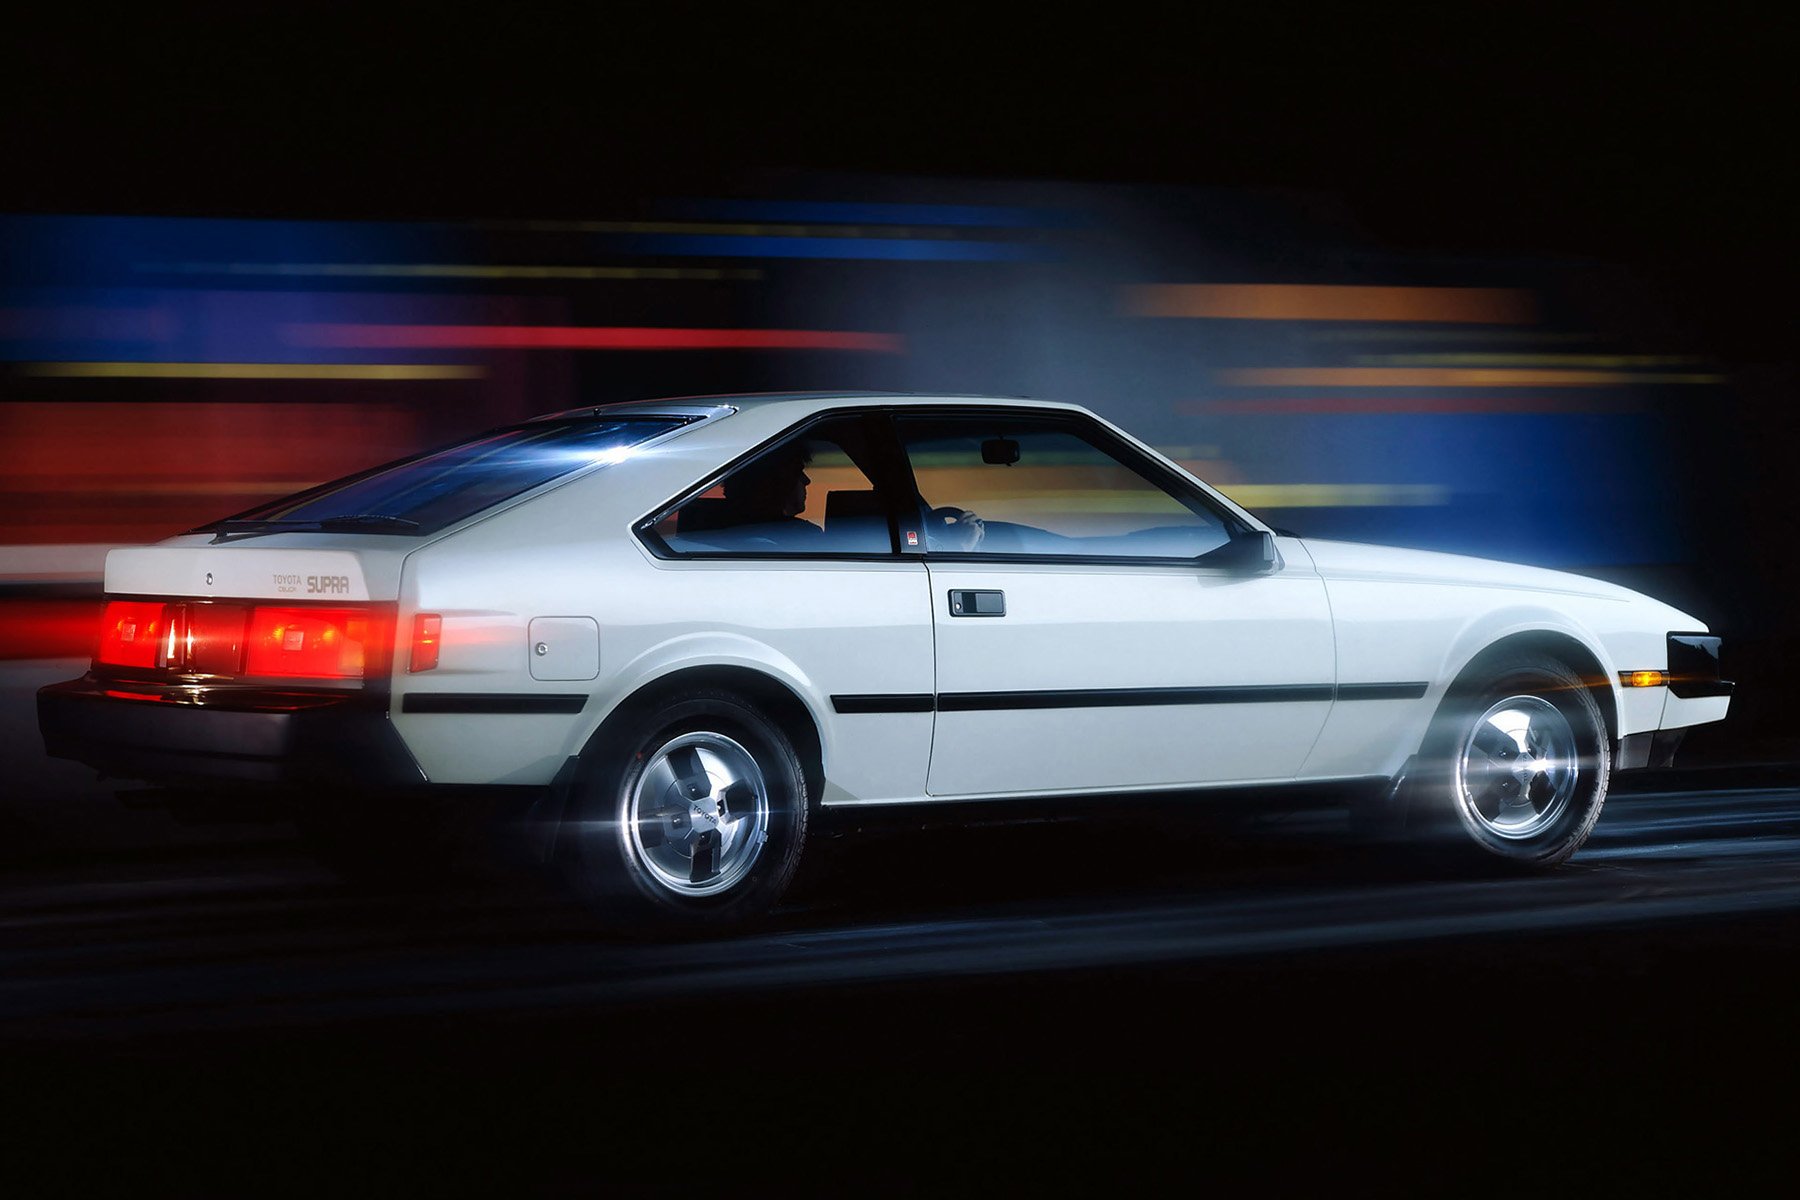 A60 Toyota Supra